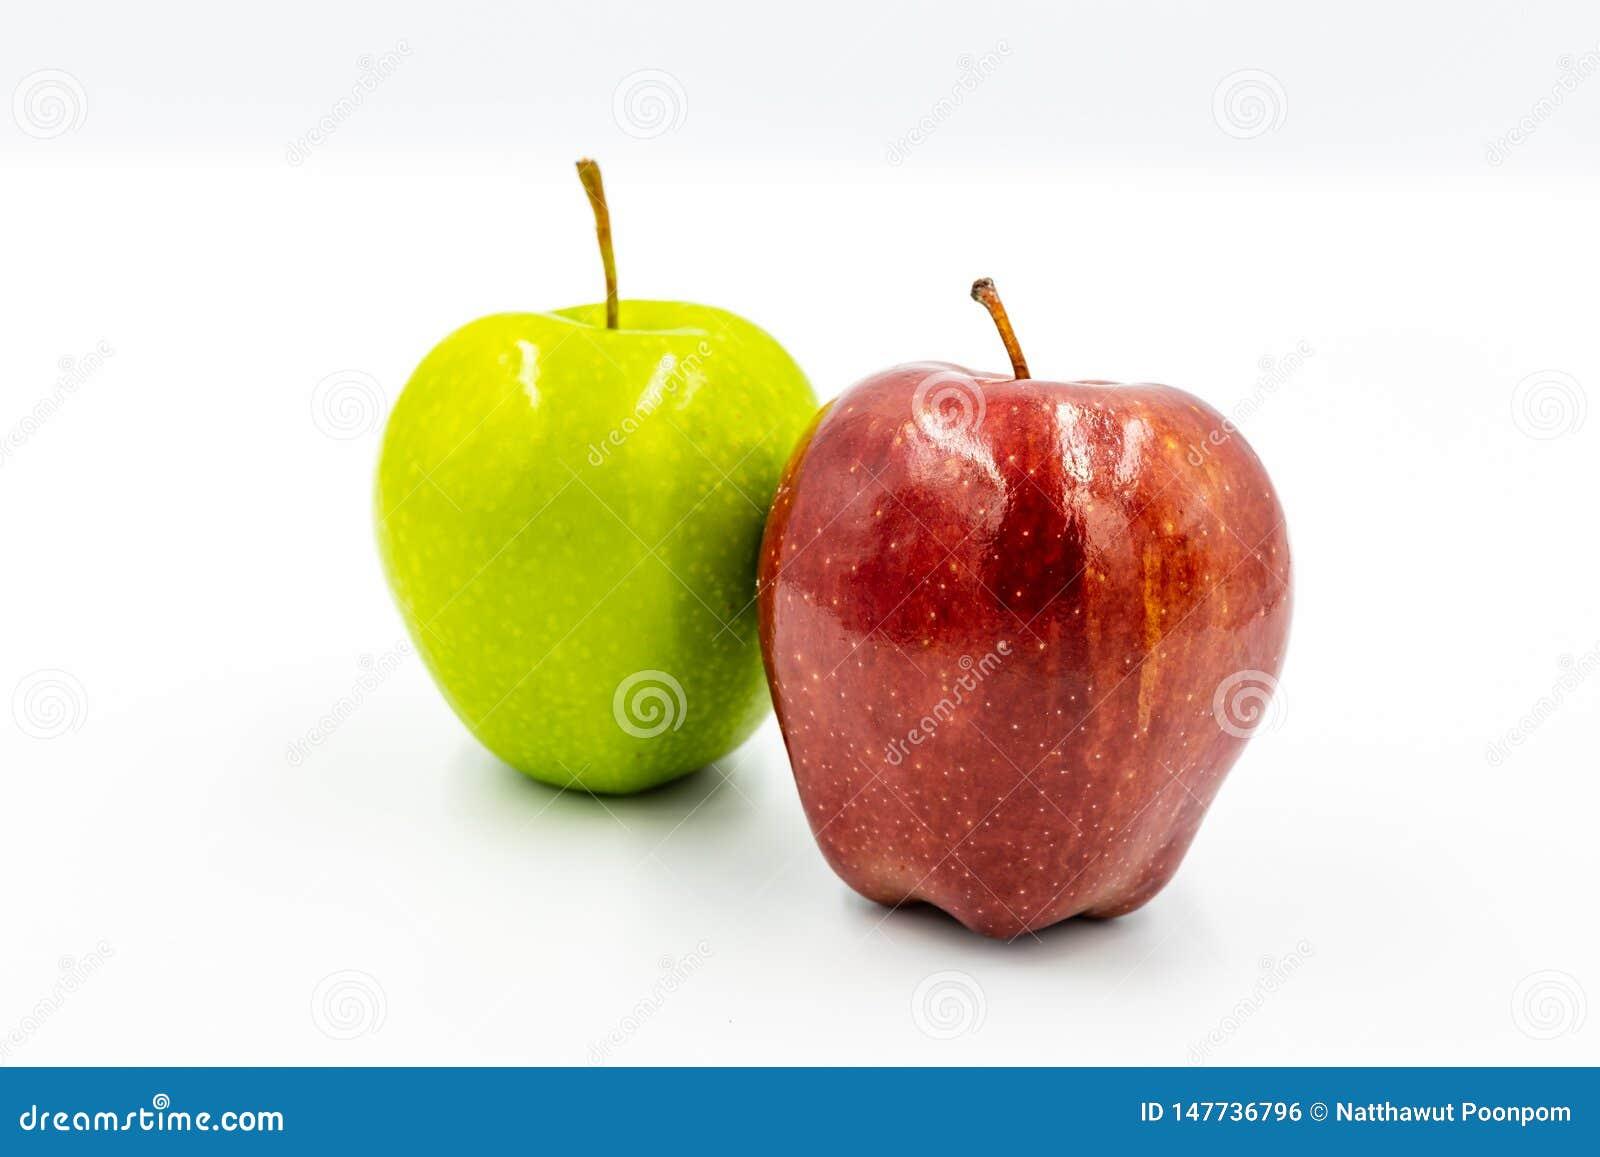 红色苹果和绿色苹果